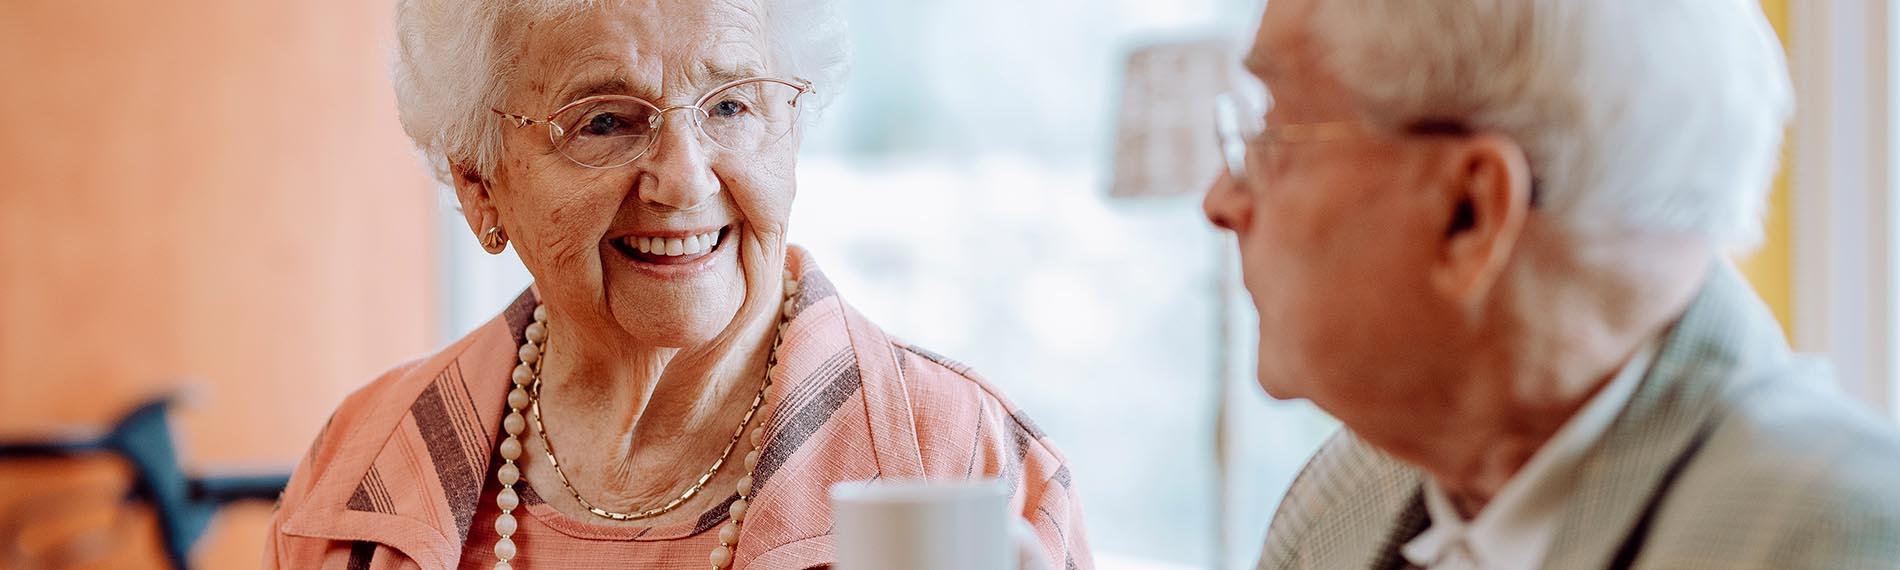 Header beeld Welzijn, bejaard echtpaar aan de koffie